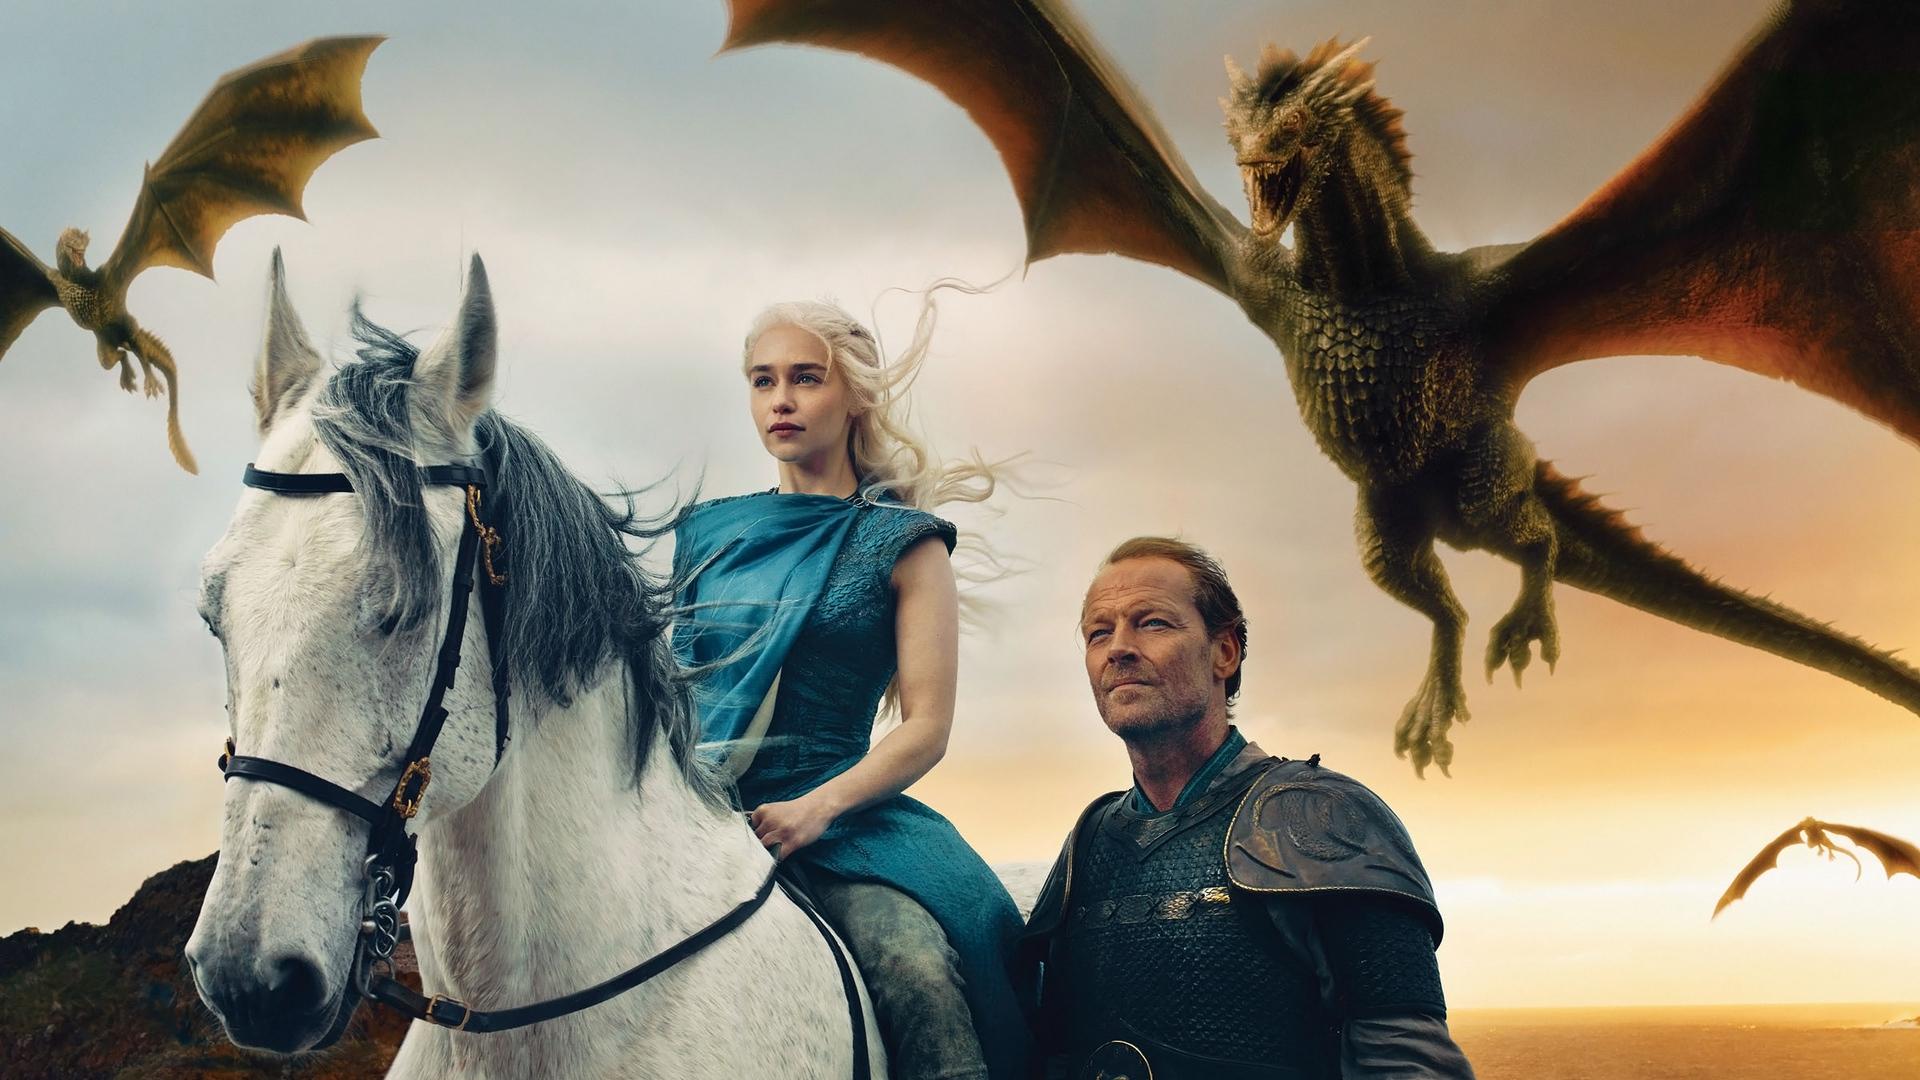 Wallpaper Game Of Thrones, Daenerys Targaryen, Emilia - Game Of Thrones Daenerys Background - HD Wallpaper